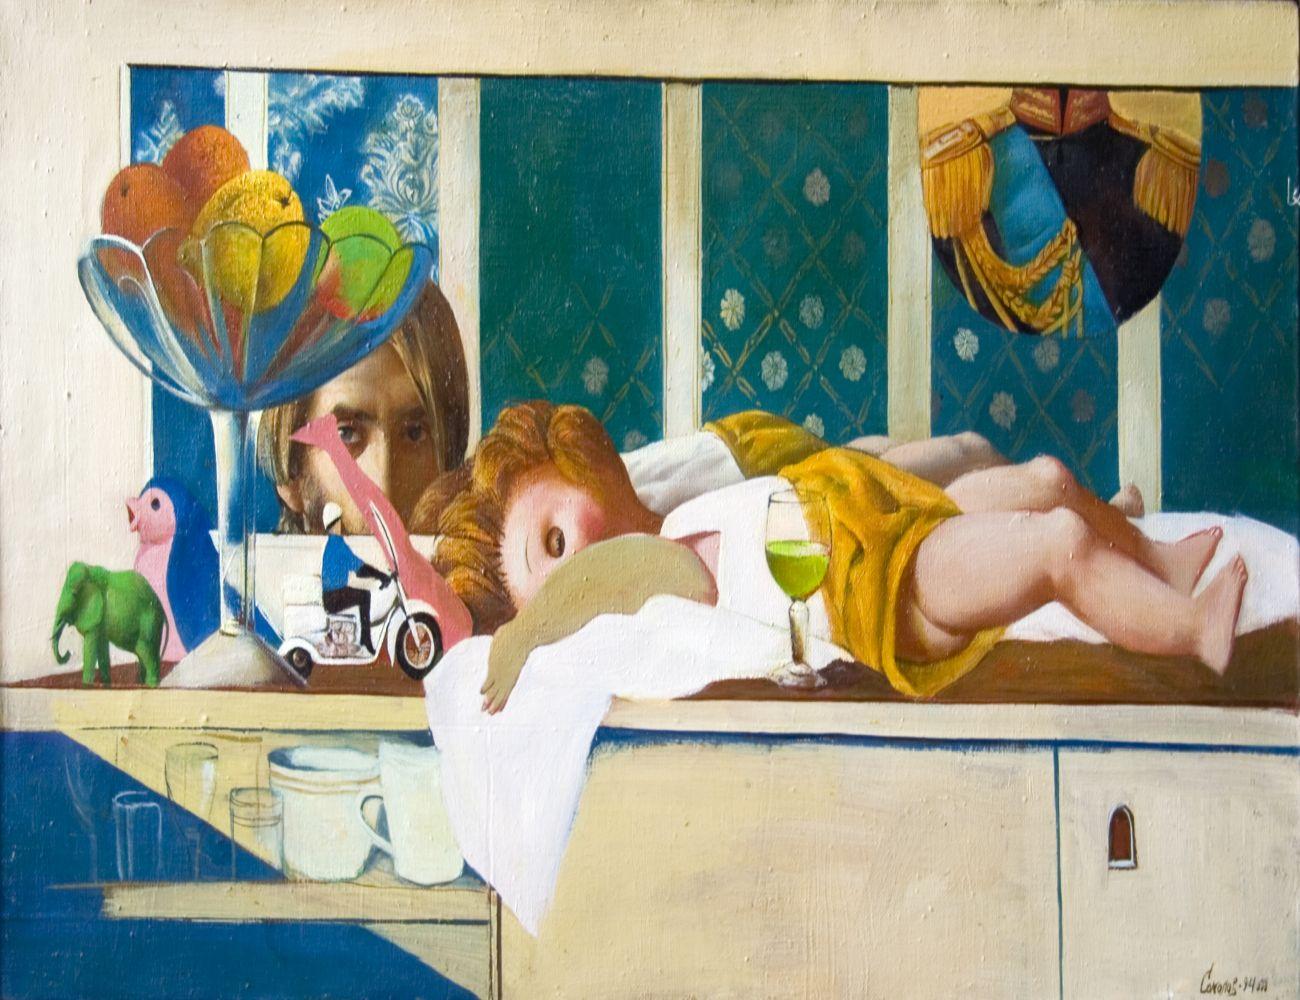 С.Н.Соколов. Спящая кукла. Х.м., 60х108. 1994. Цена 150 000 руб.